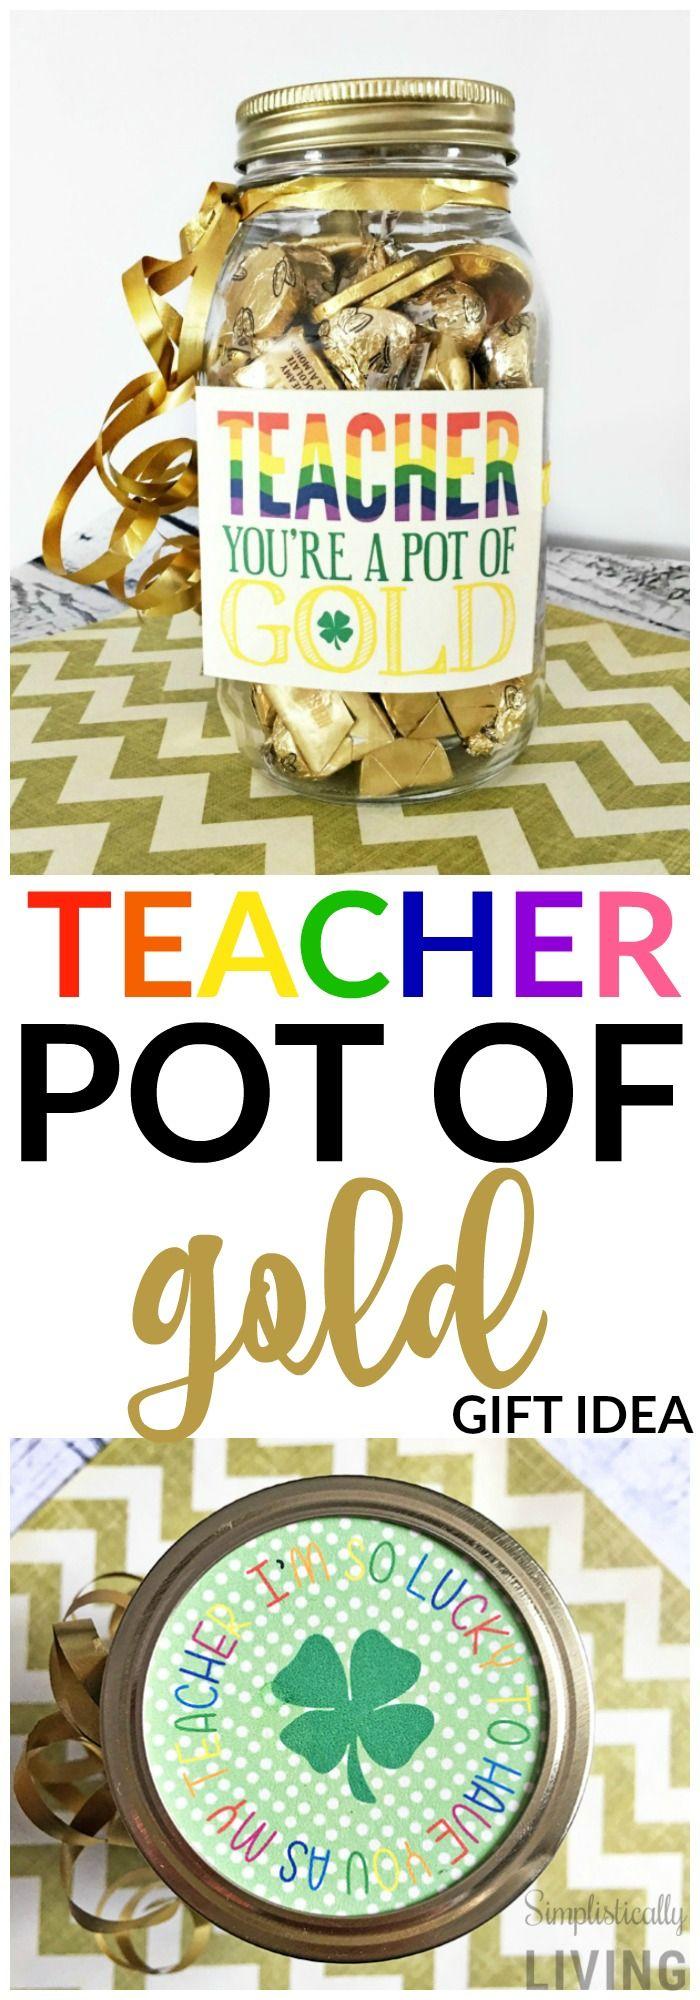 teacher pot of gold gift idea